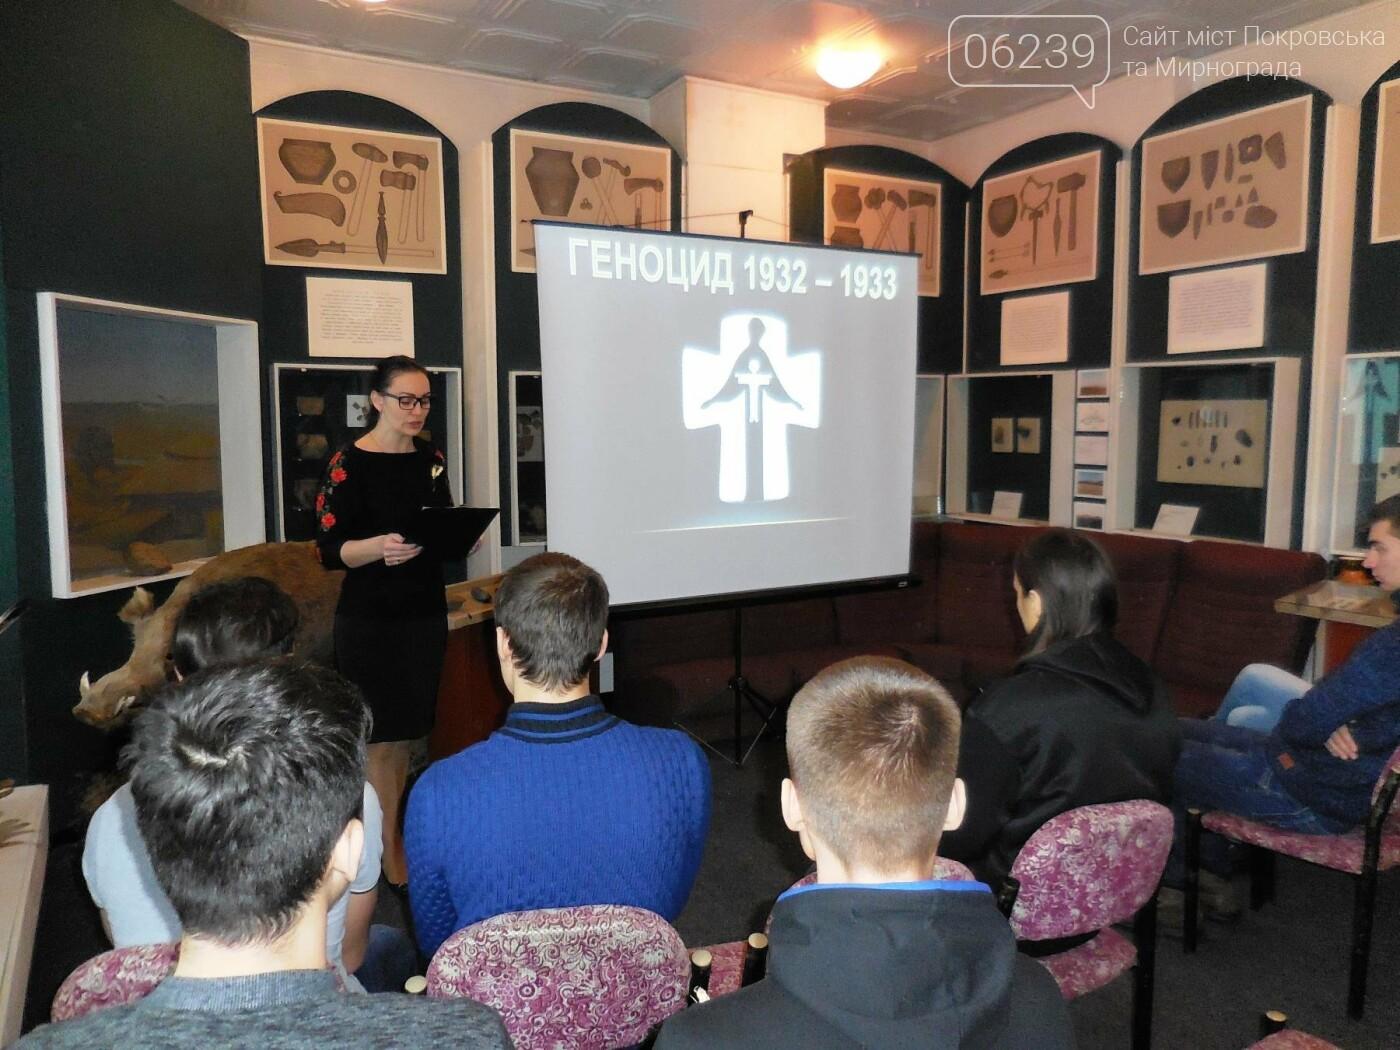 У Покровському історичному музеї пройшов кінолекторій присвячений 85-й річниці Голодомору, фото-1